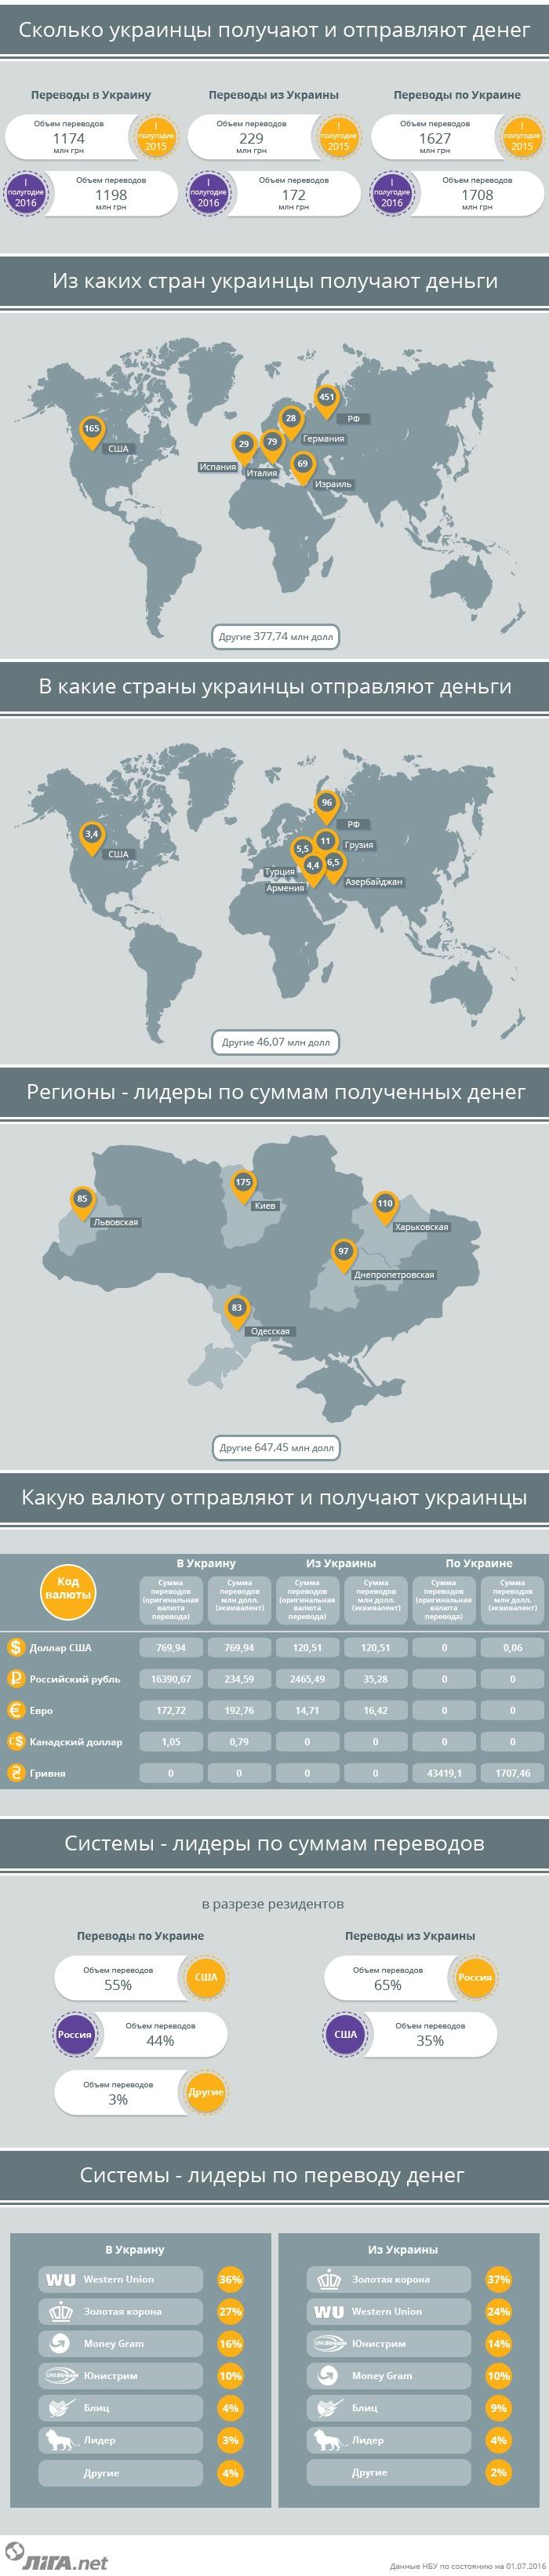 Материальная помощь. Сколько денег украинцы получают из-за рубежа